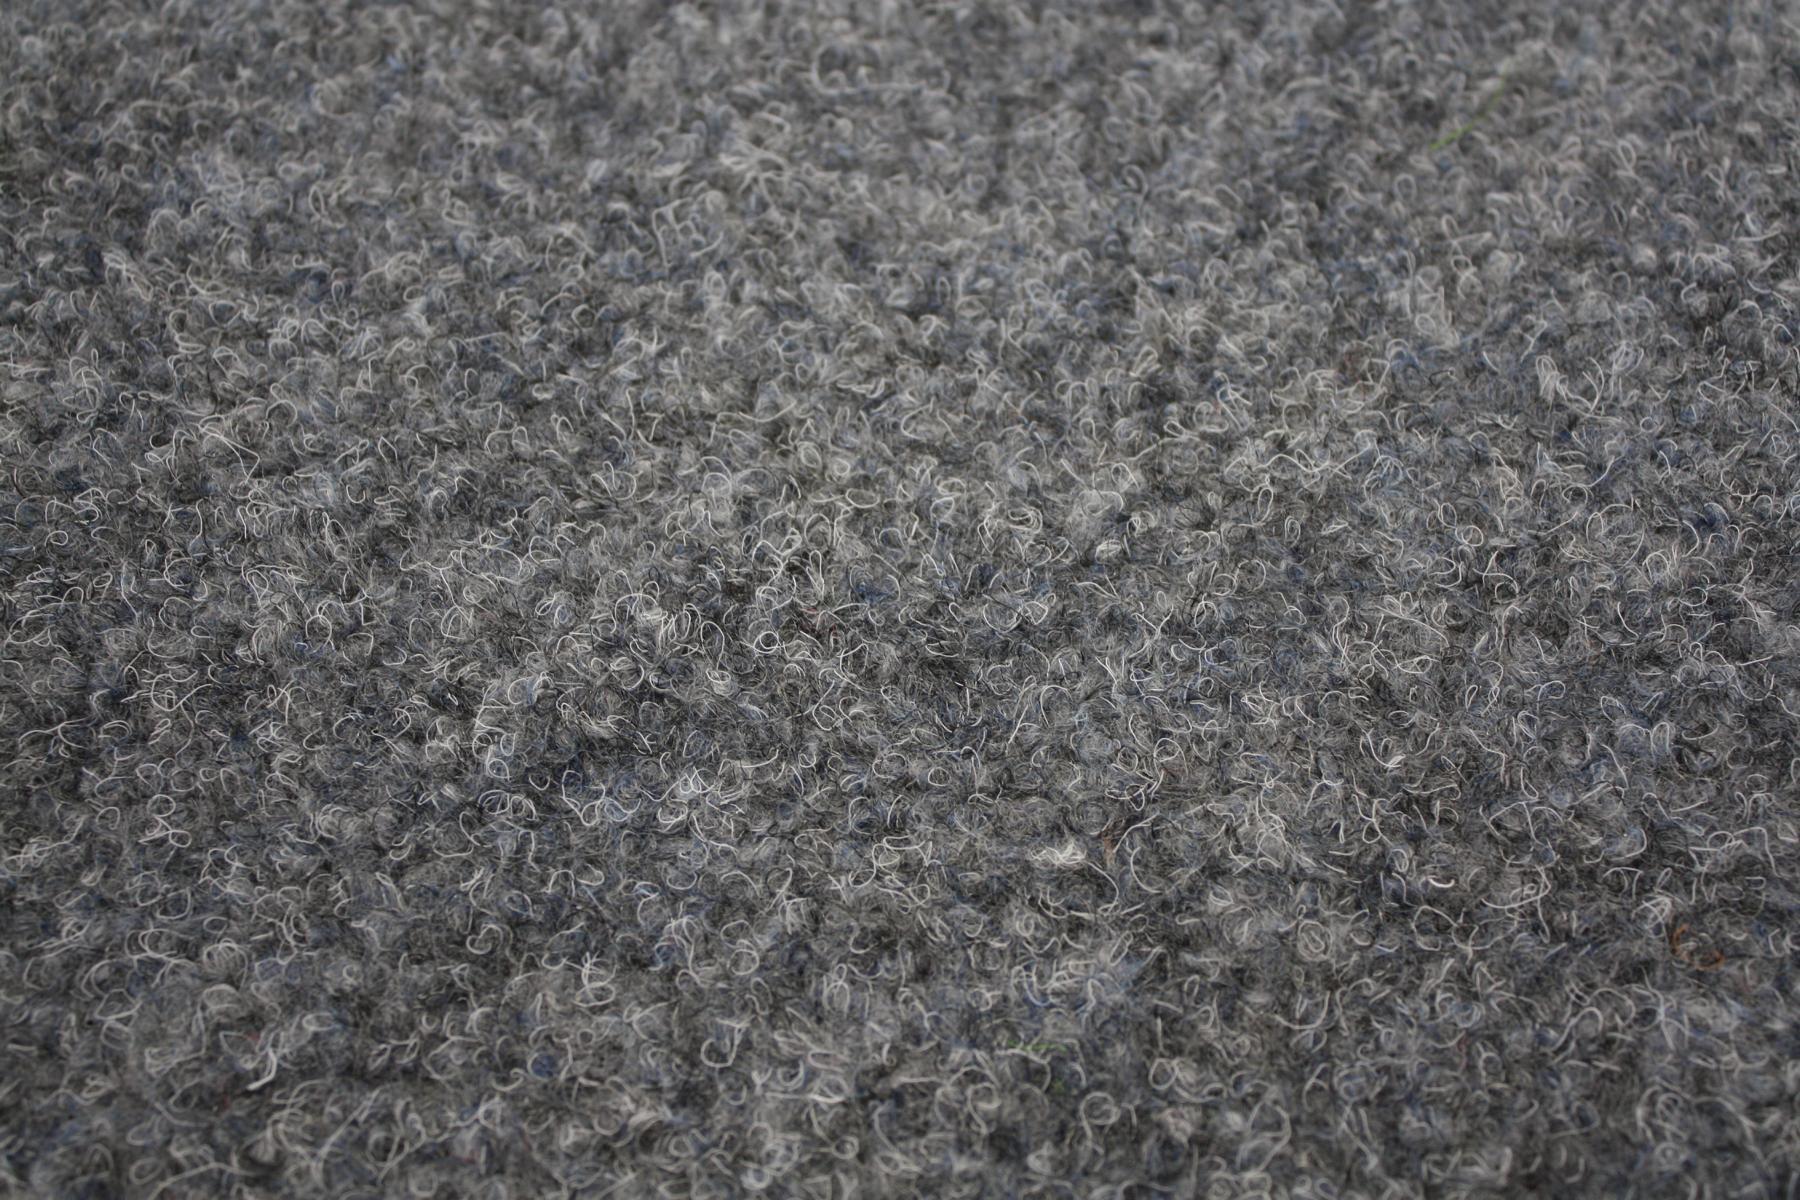 Alfombra de c sped c sped artificial confort gris 200x680cm ebay - Alfombra cesped artificial ...